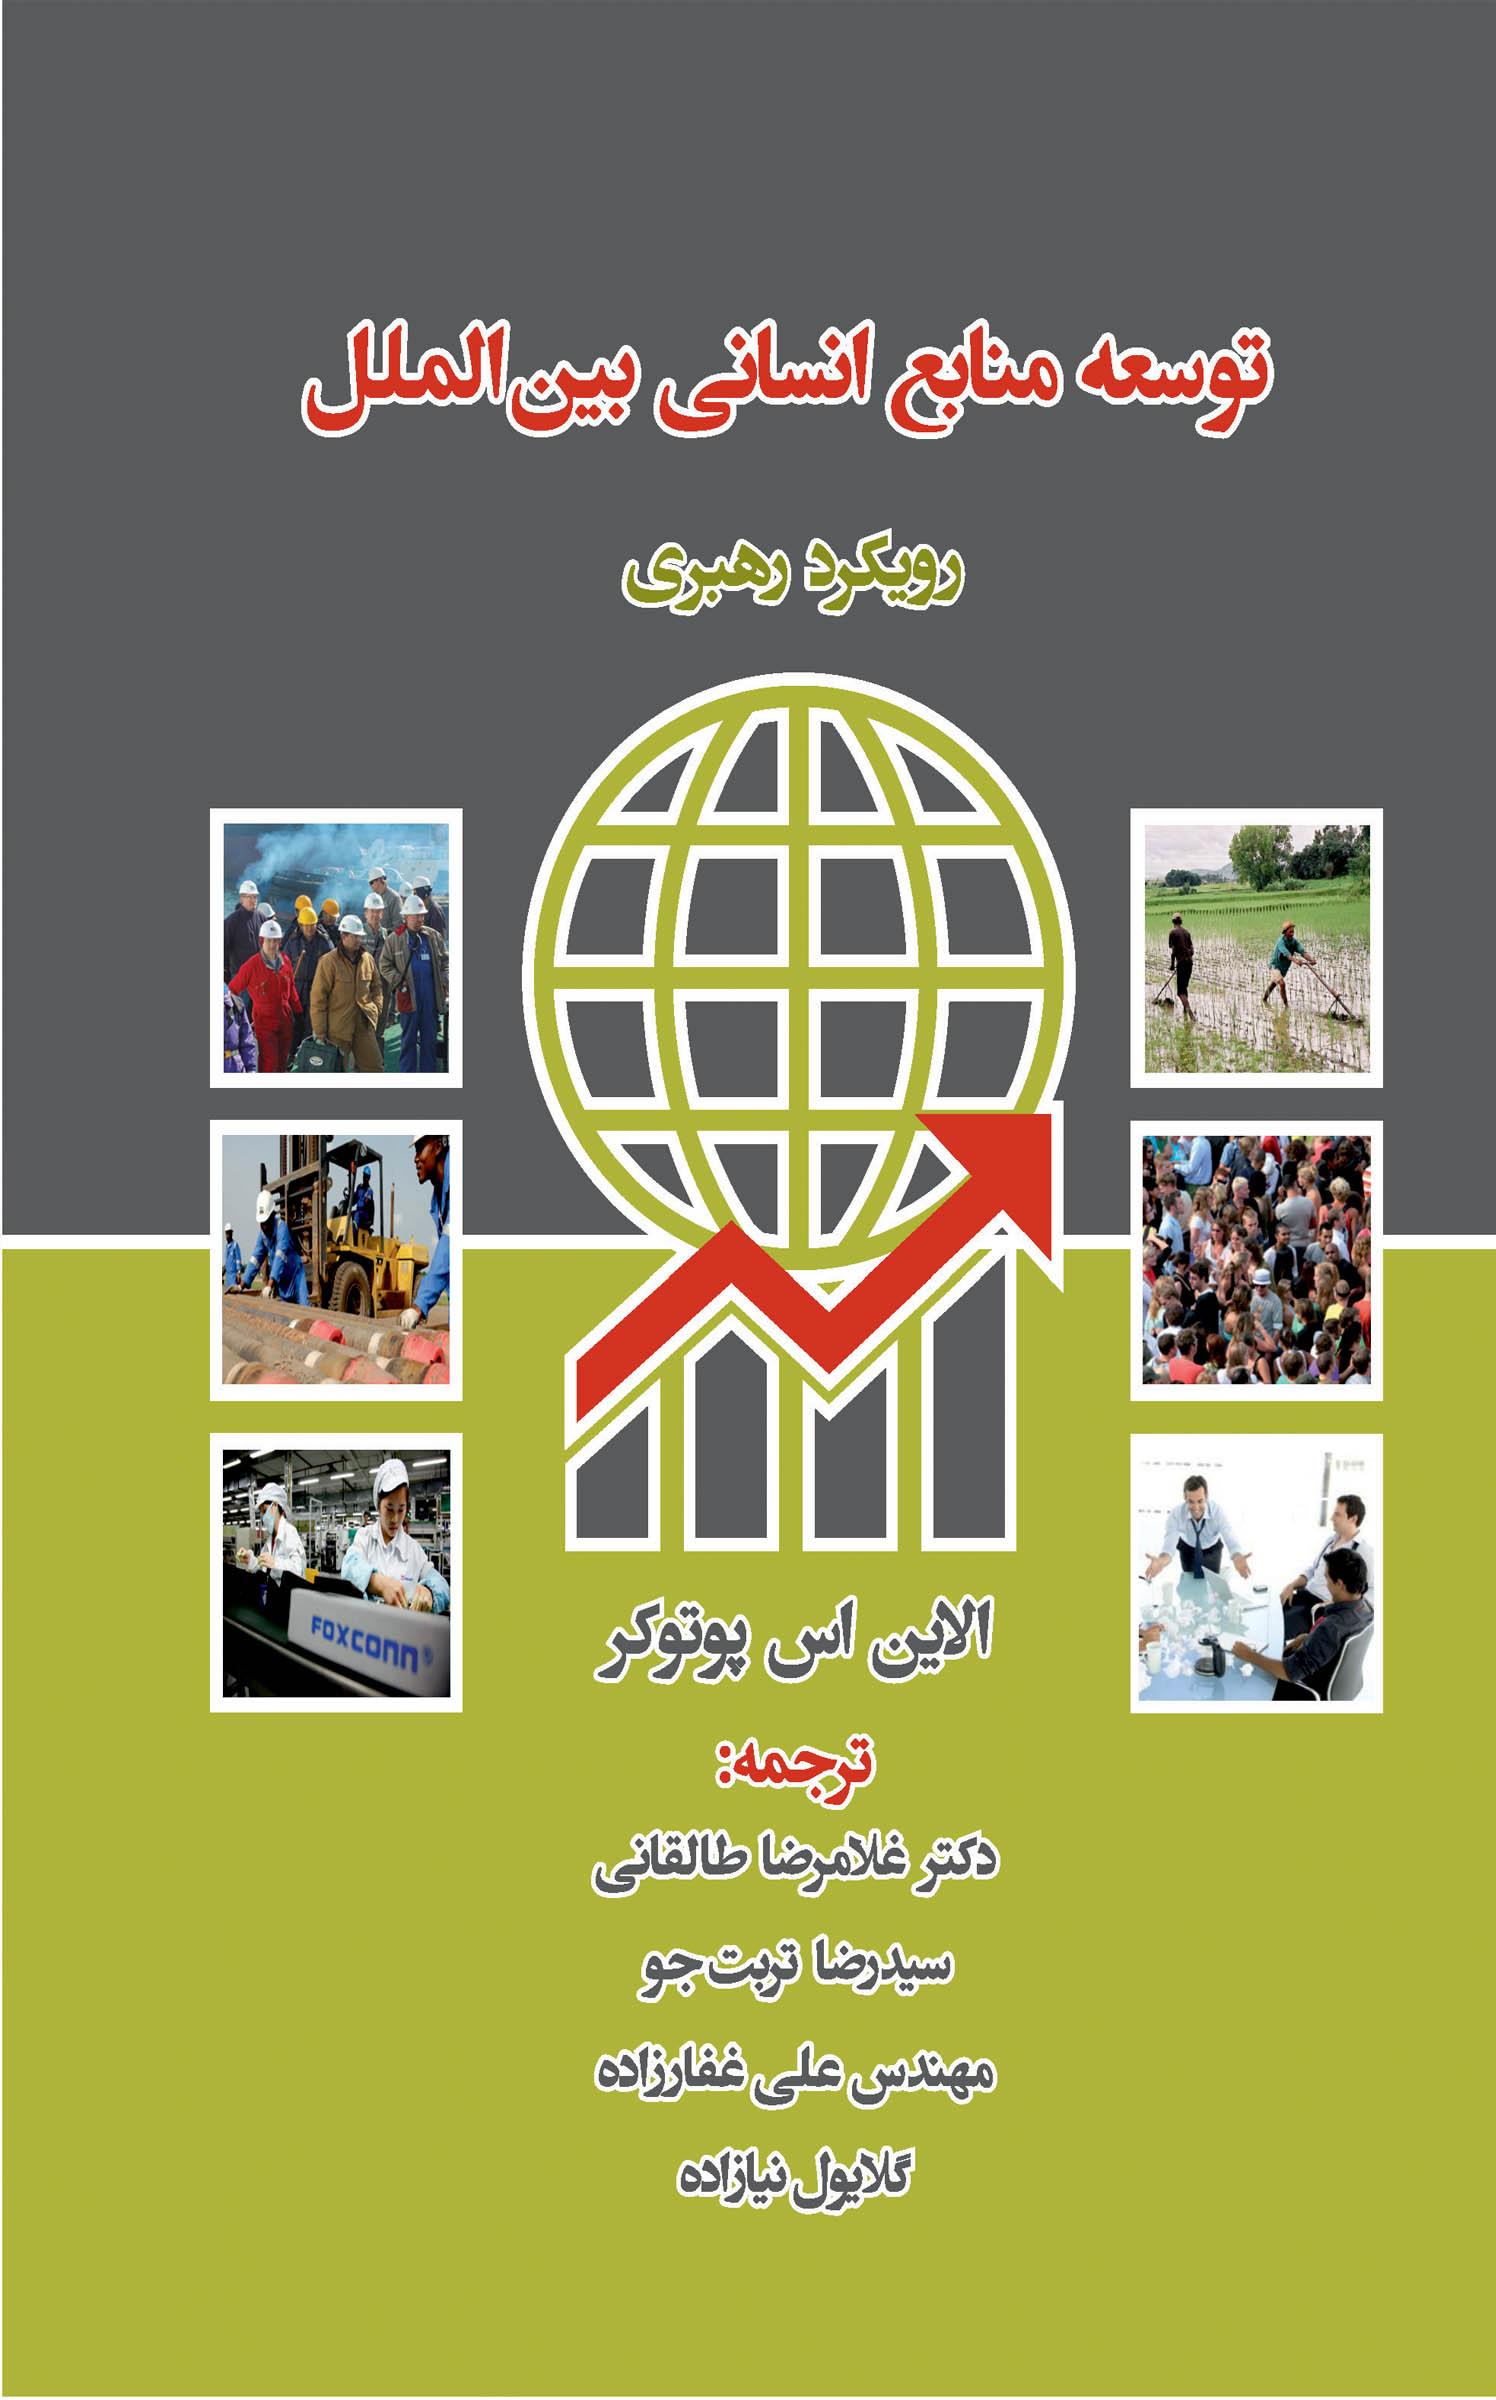 توسعه منابع انسانی بین الملل